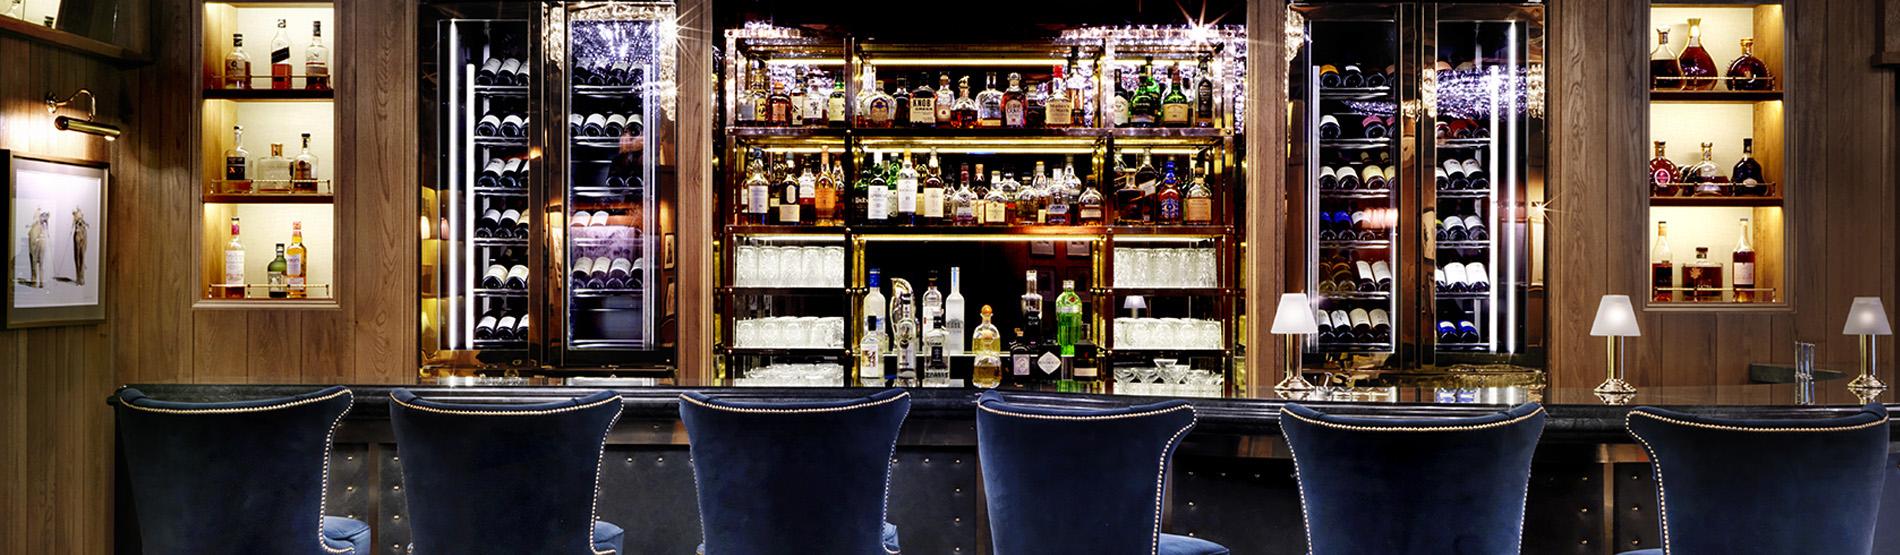 The K Bar